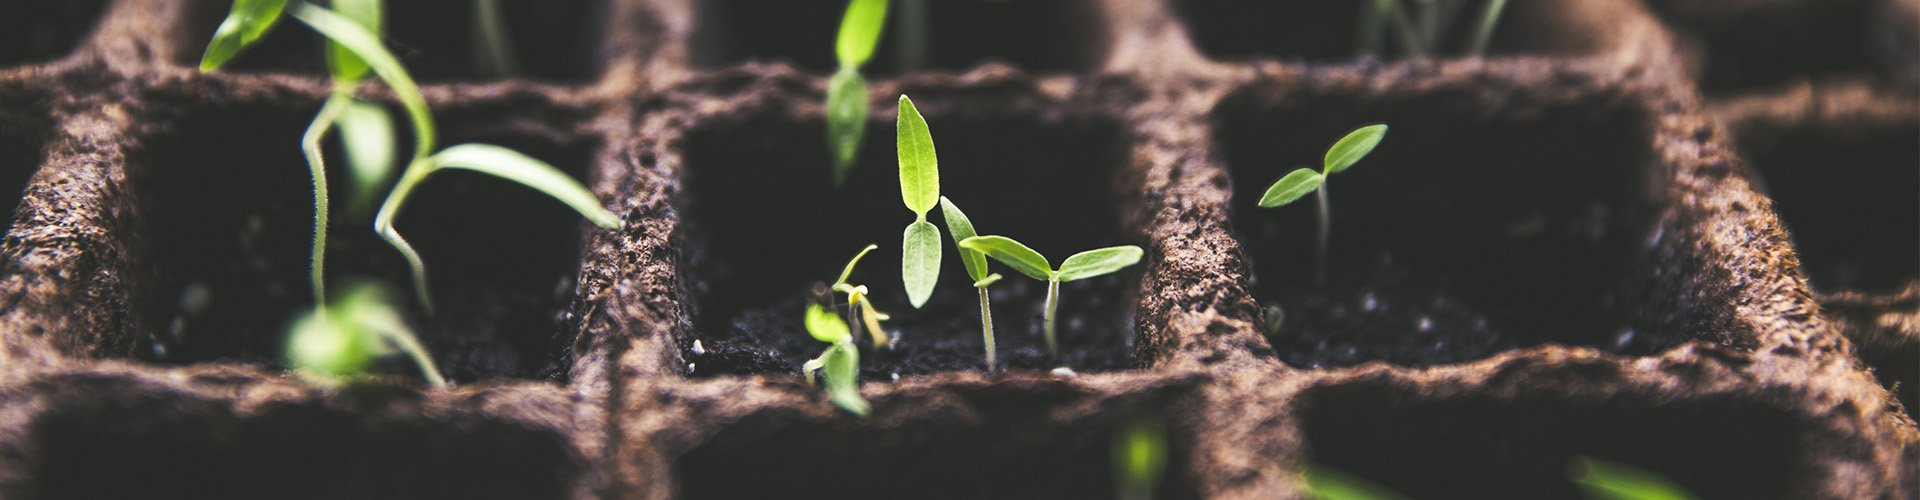 Rośliny w szkółce roślin szyszlandia